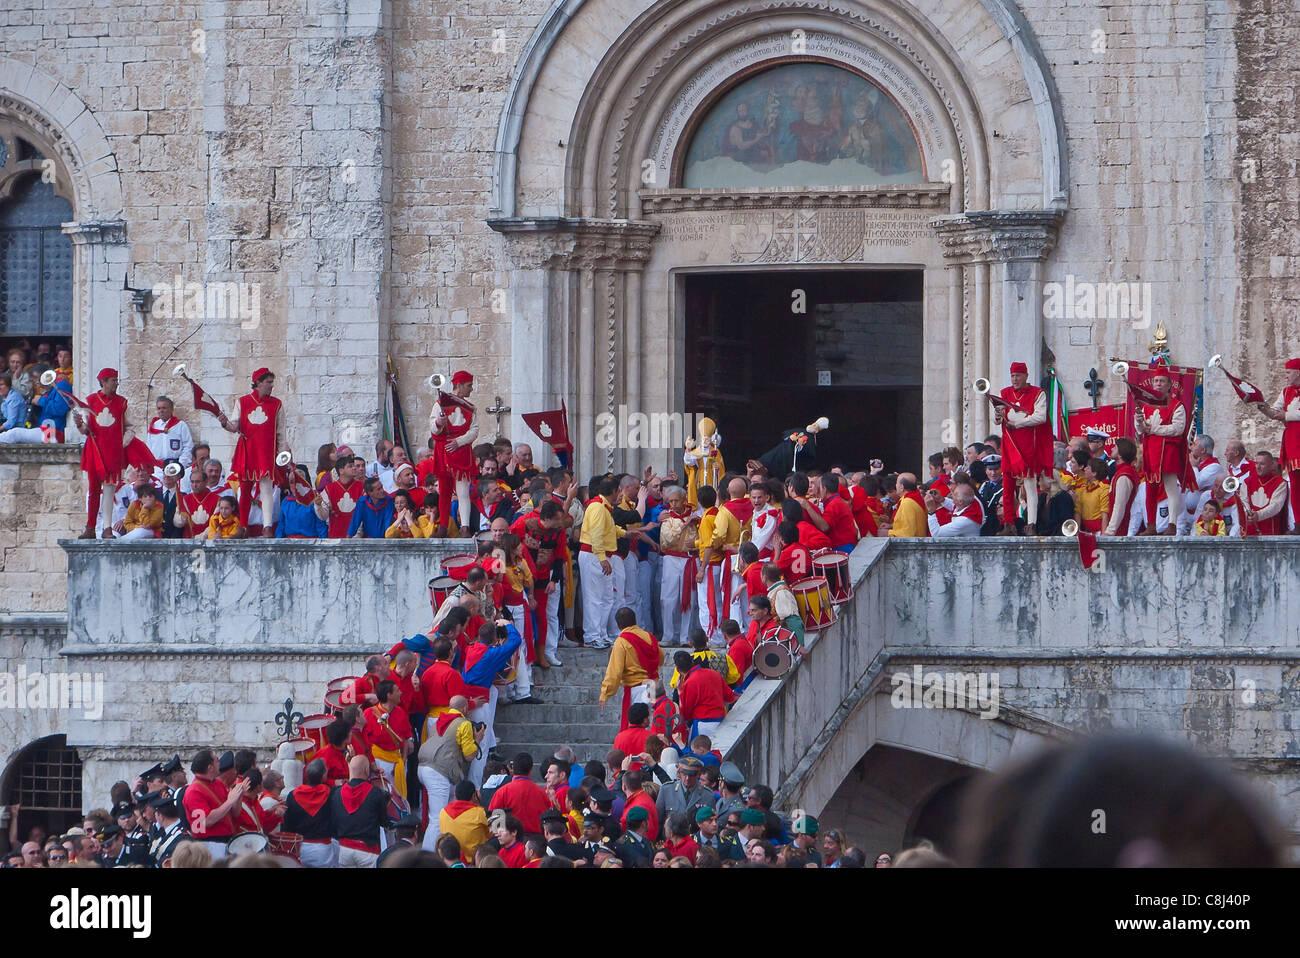 El equipo amarillo inicia el festival anual de la Corsa dei Ceri en honor a la patrona de la ciudad de Gubbio, Italia. Imagen De Stock